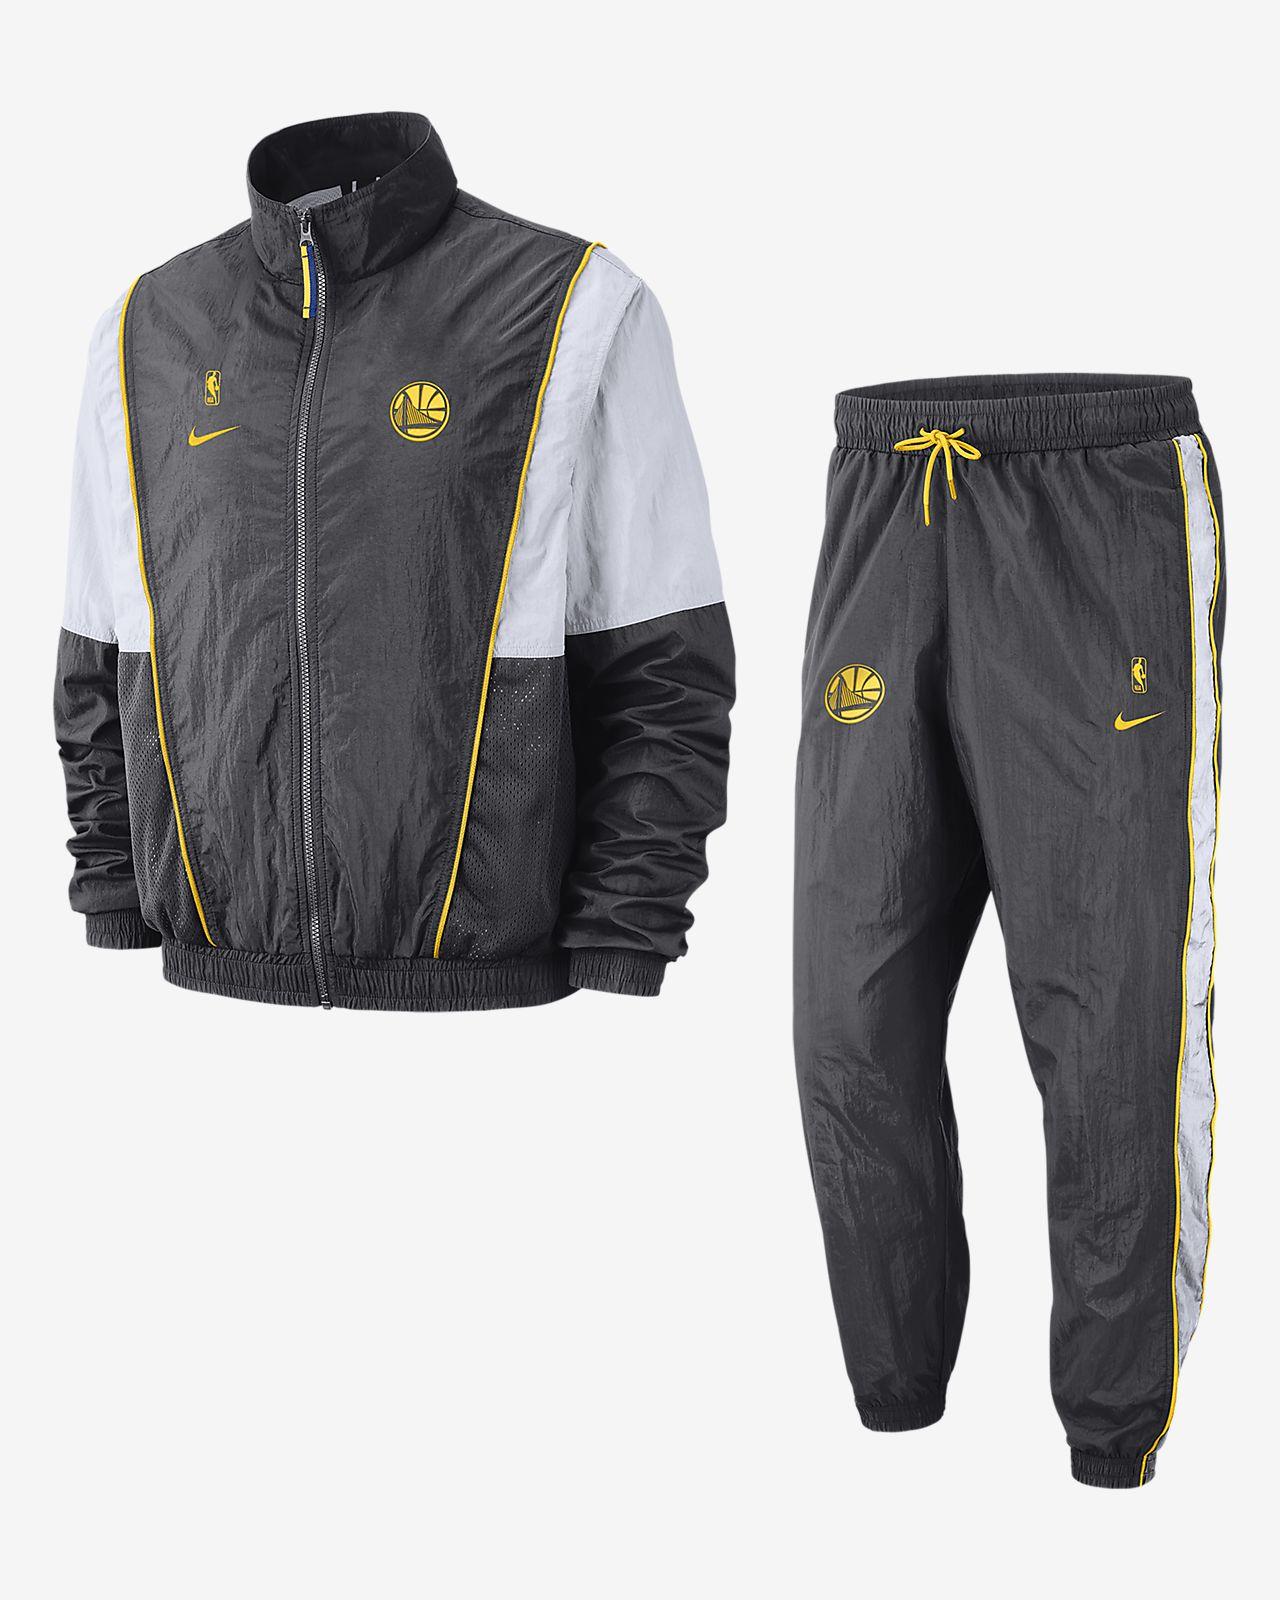 Pánská tepláková souprava NBA Golden State Warriors Nike Dri-FIT